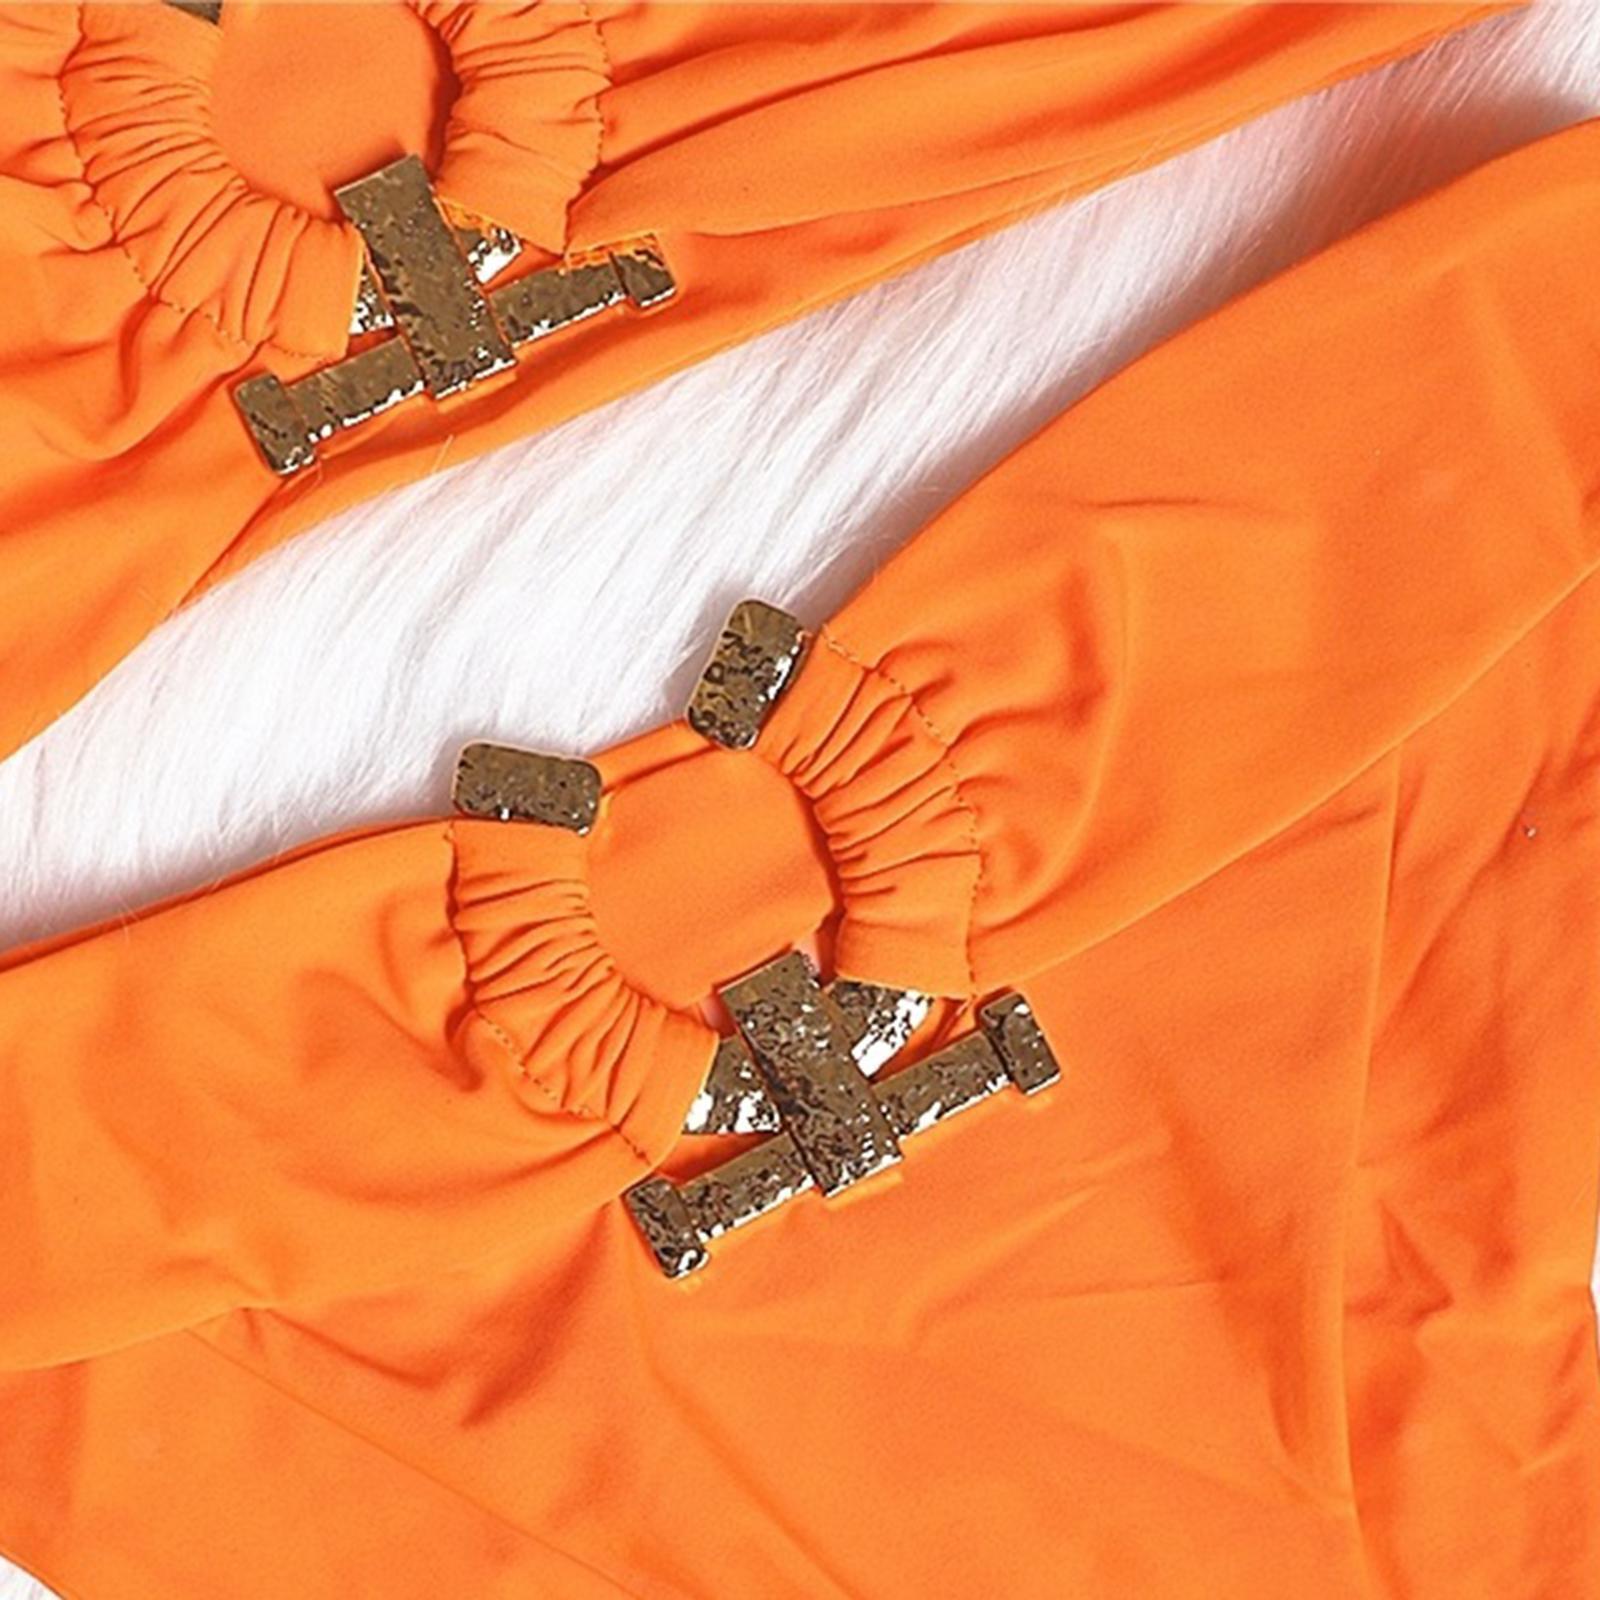 Indexbild 80 - Zwei Stücke Bikini Set Strappy Bademode Party Badeanzug Tankini Bademode